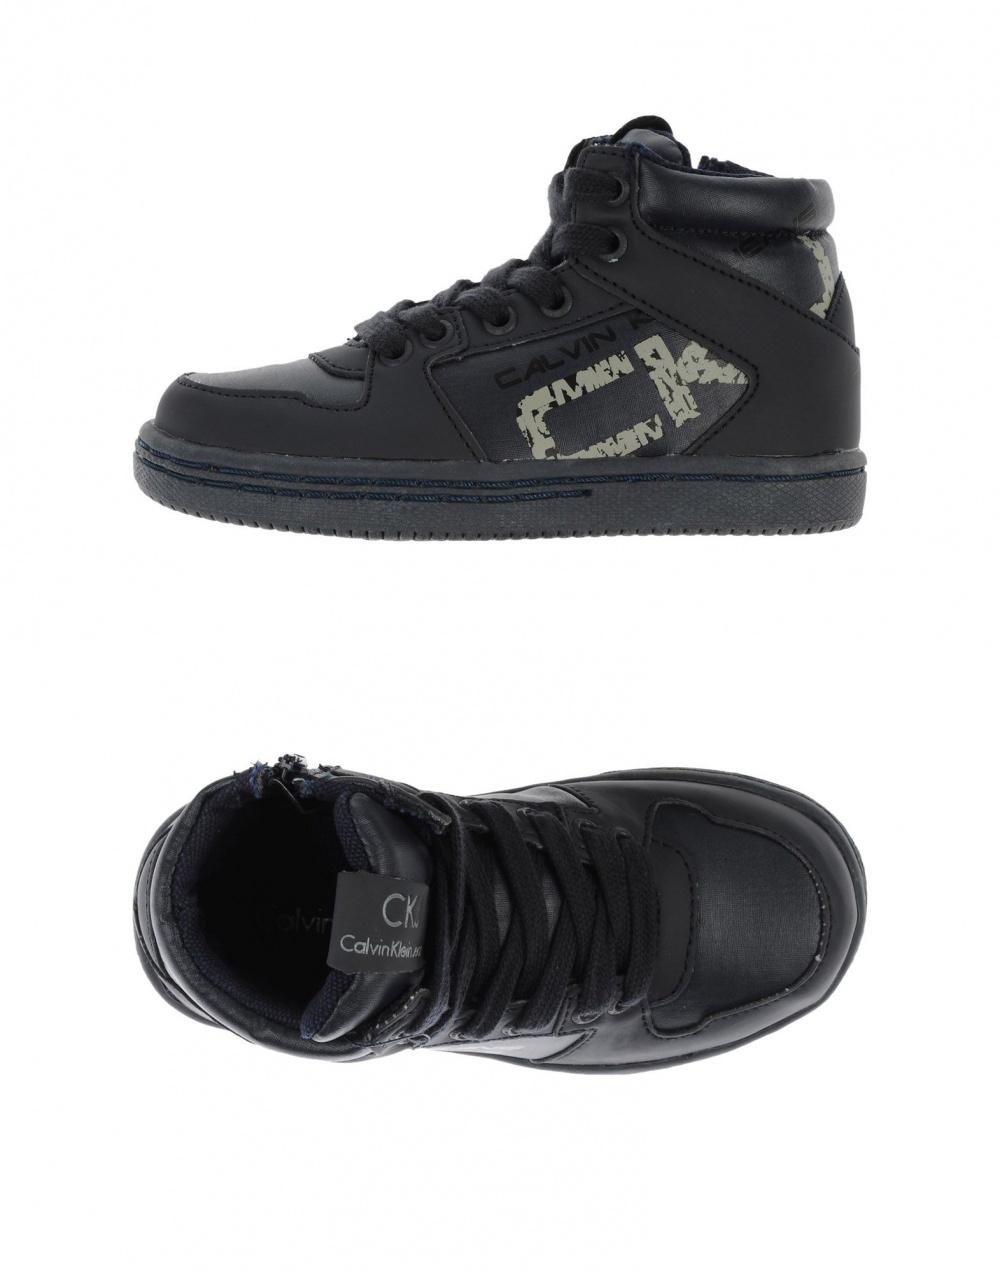 Новые ботинки Calvin Klein 32 размера на мальчика